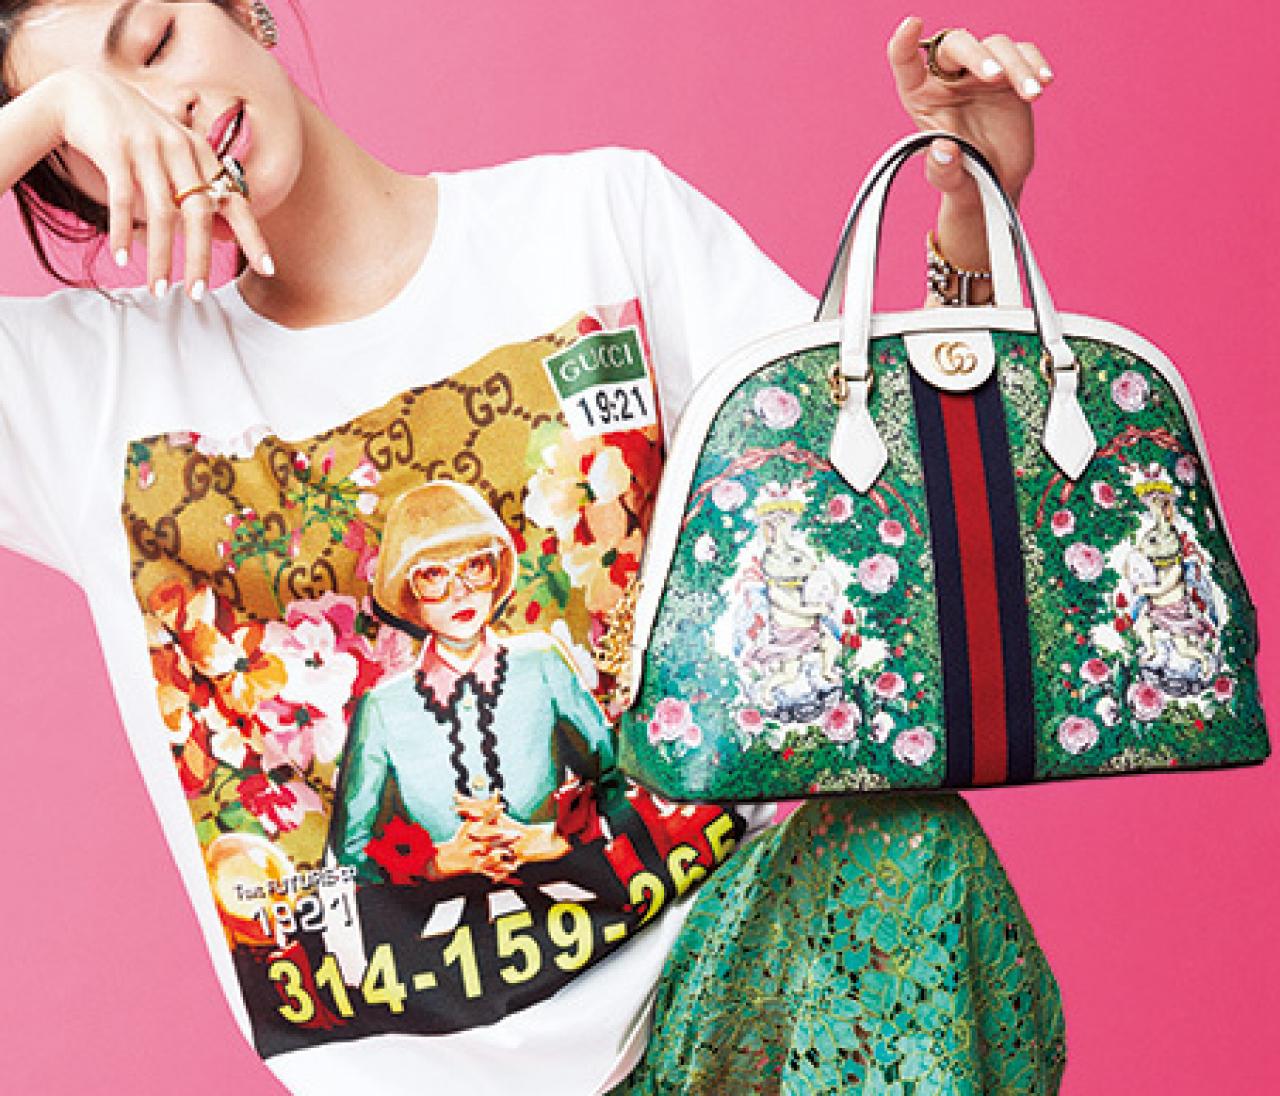 【グッチ】の新作バッグは、クラシック&遊び心が詰まってる!